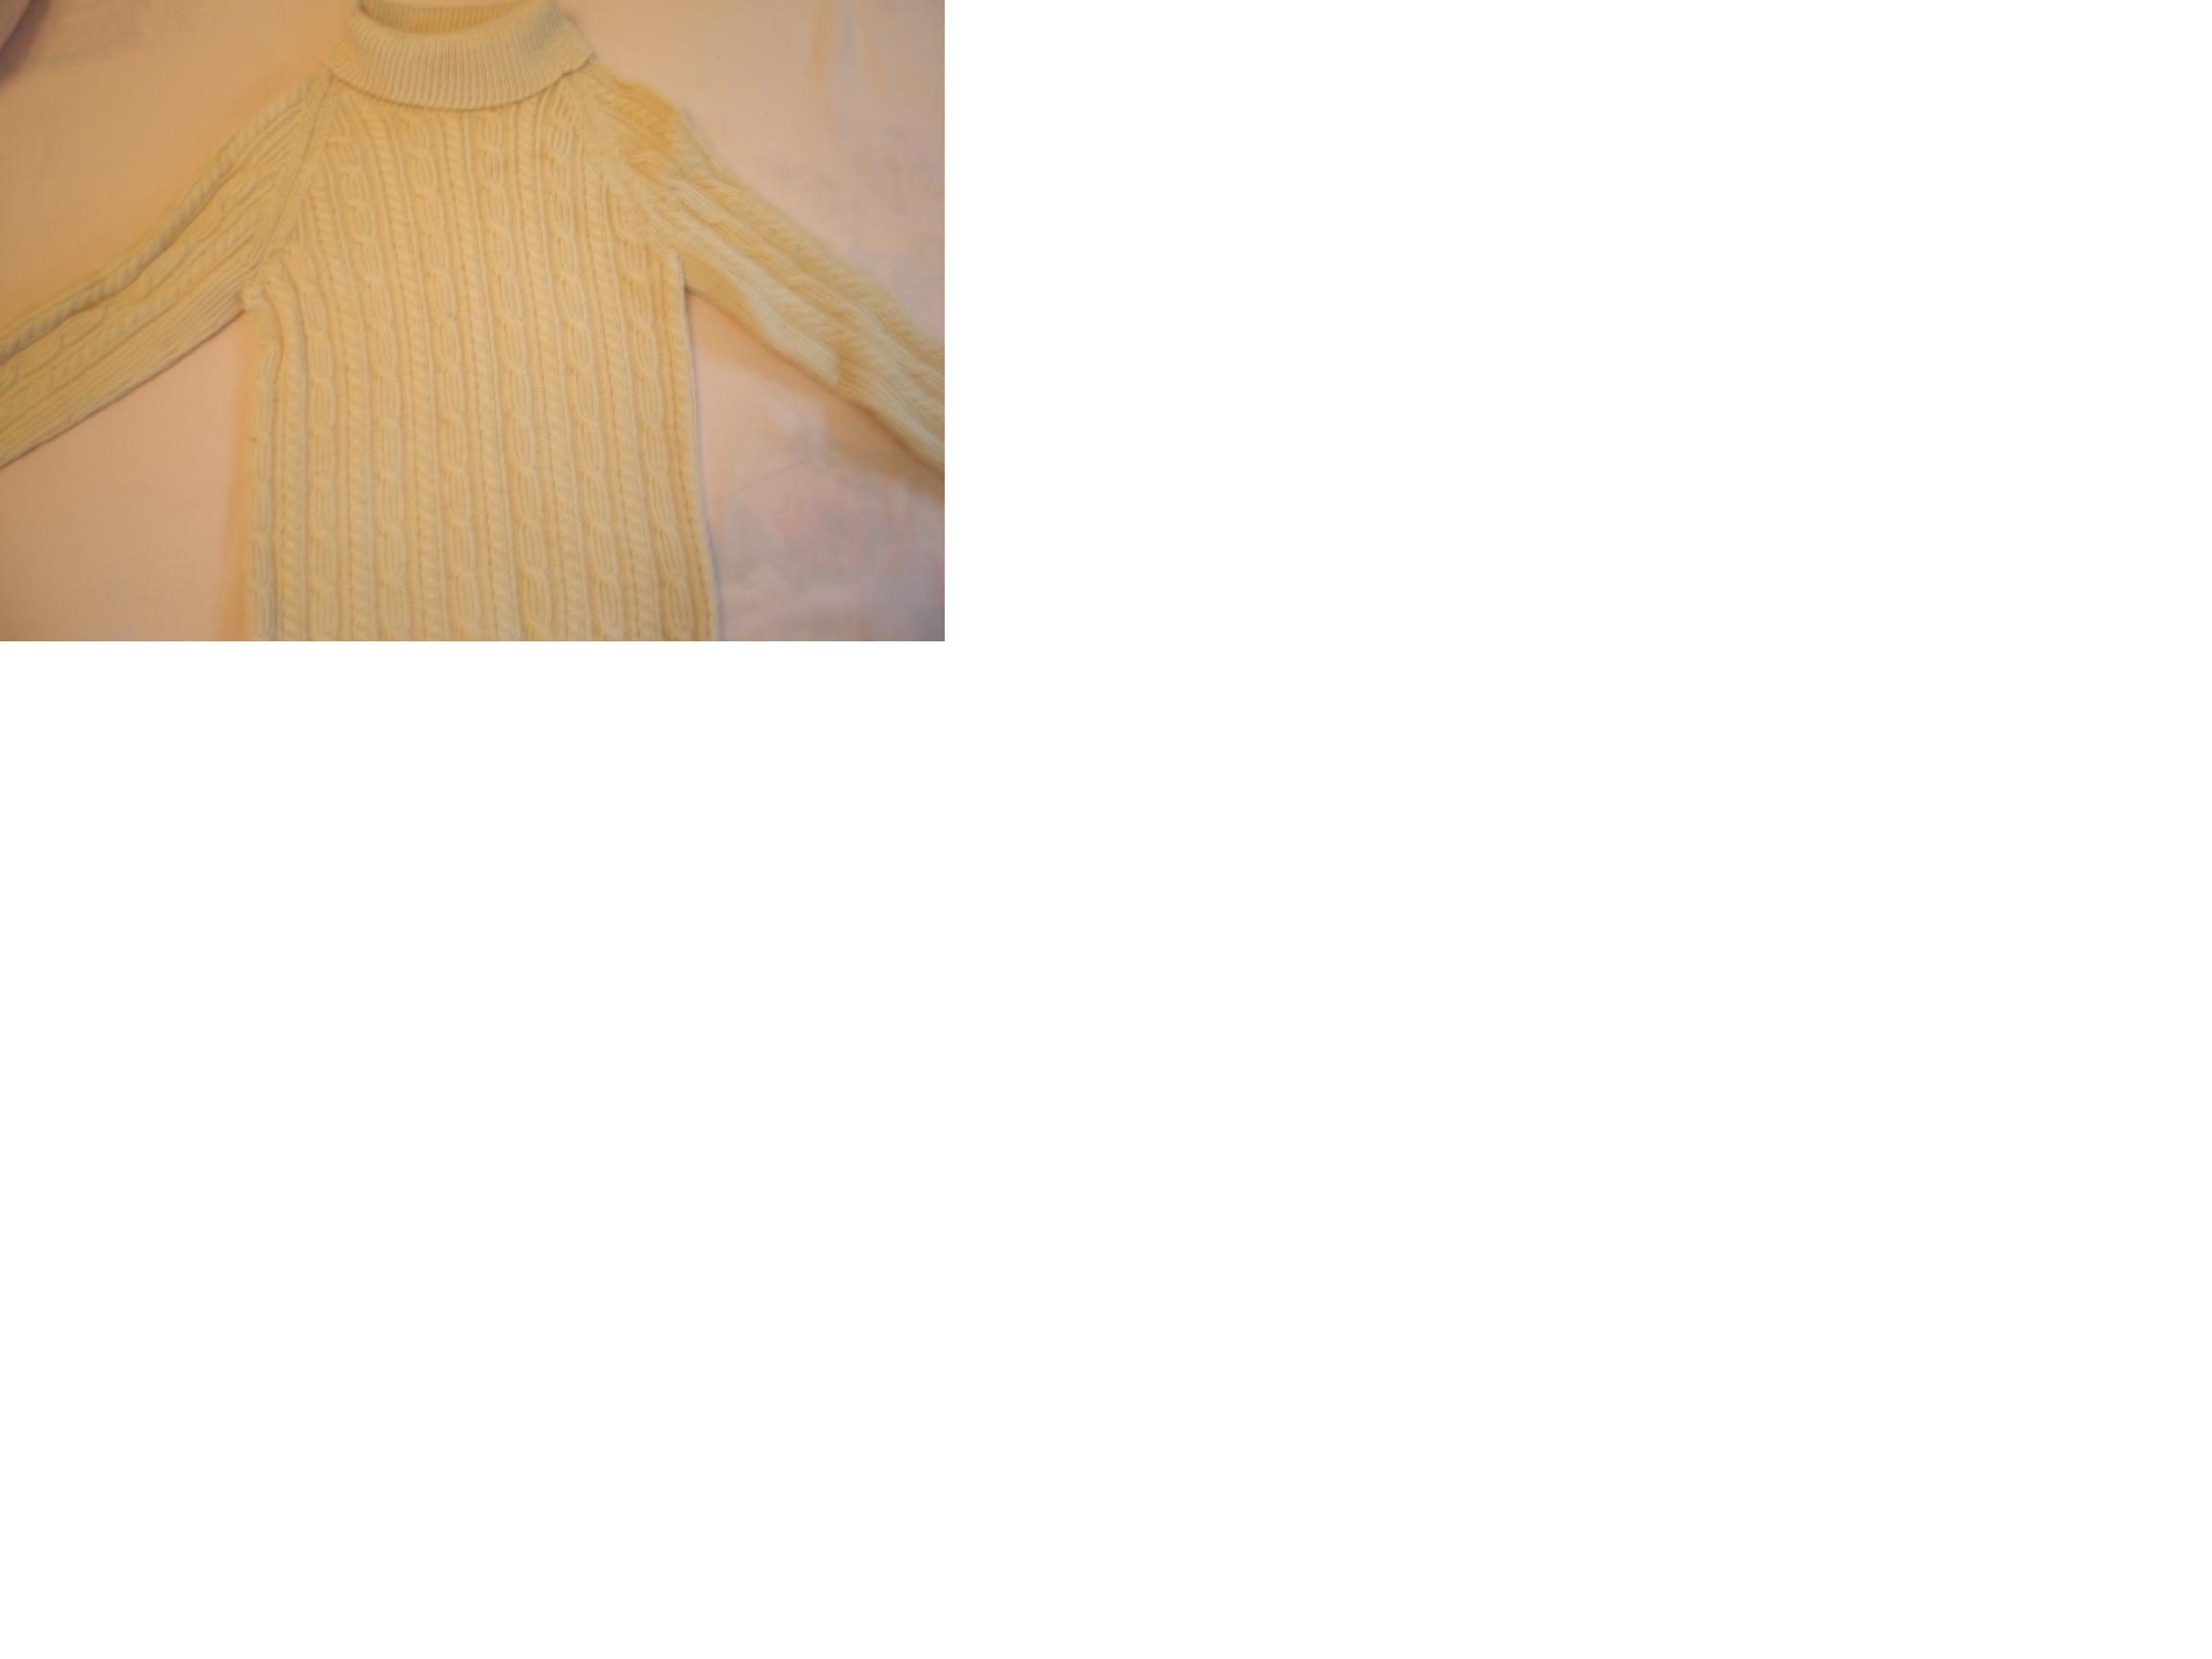 衣服1.JPG